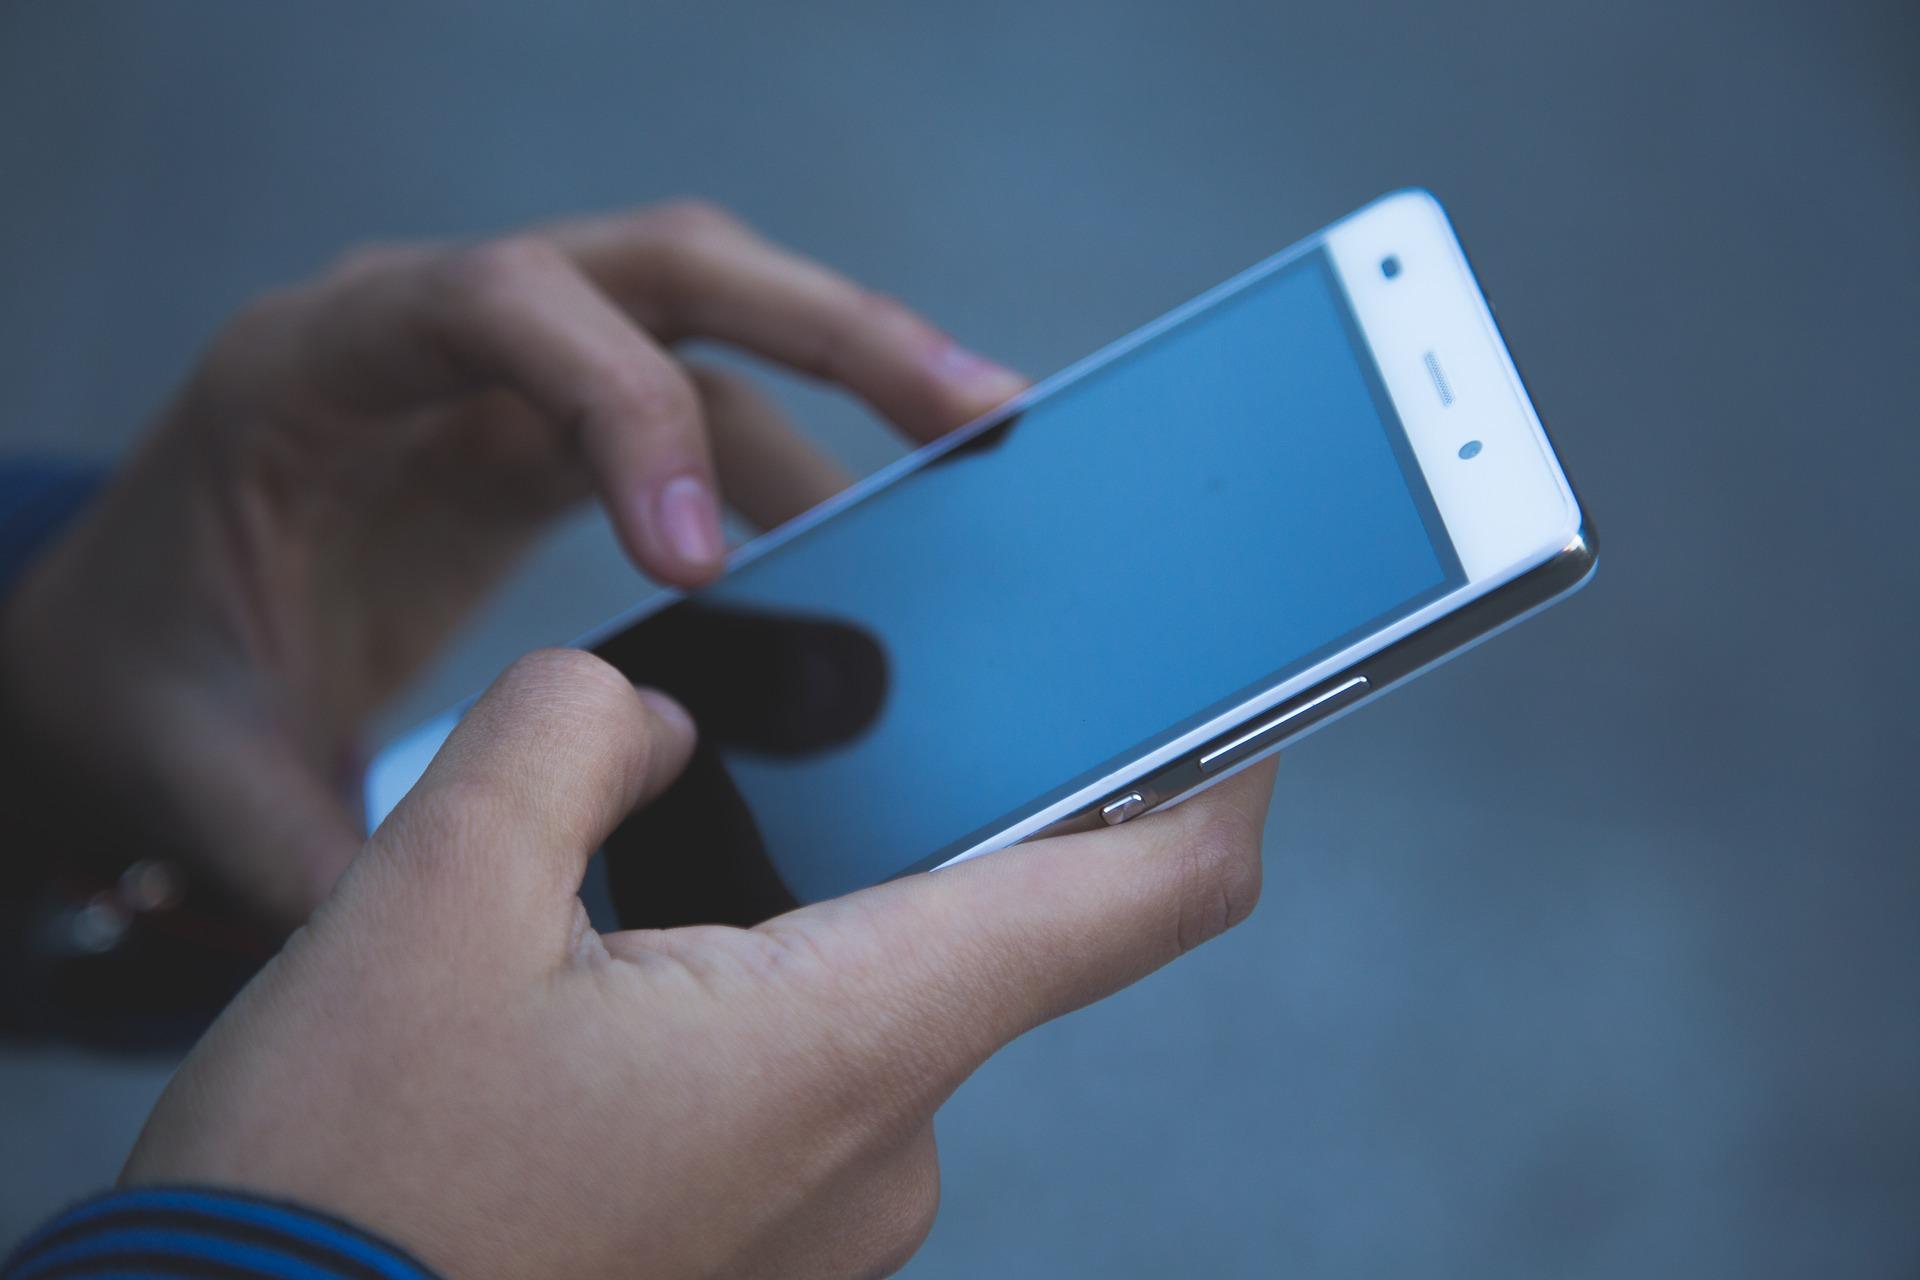 Mobiili työajanseuranta modernin työkulttuurin ja etätyöskentelyn tukena